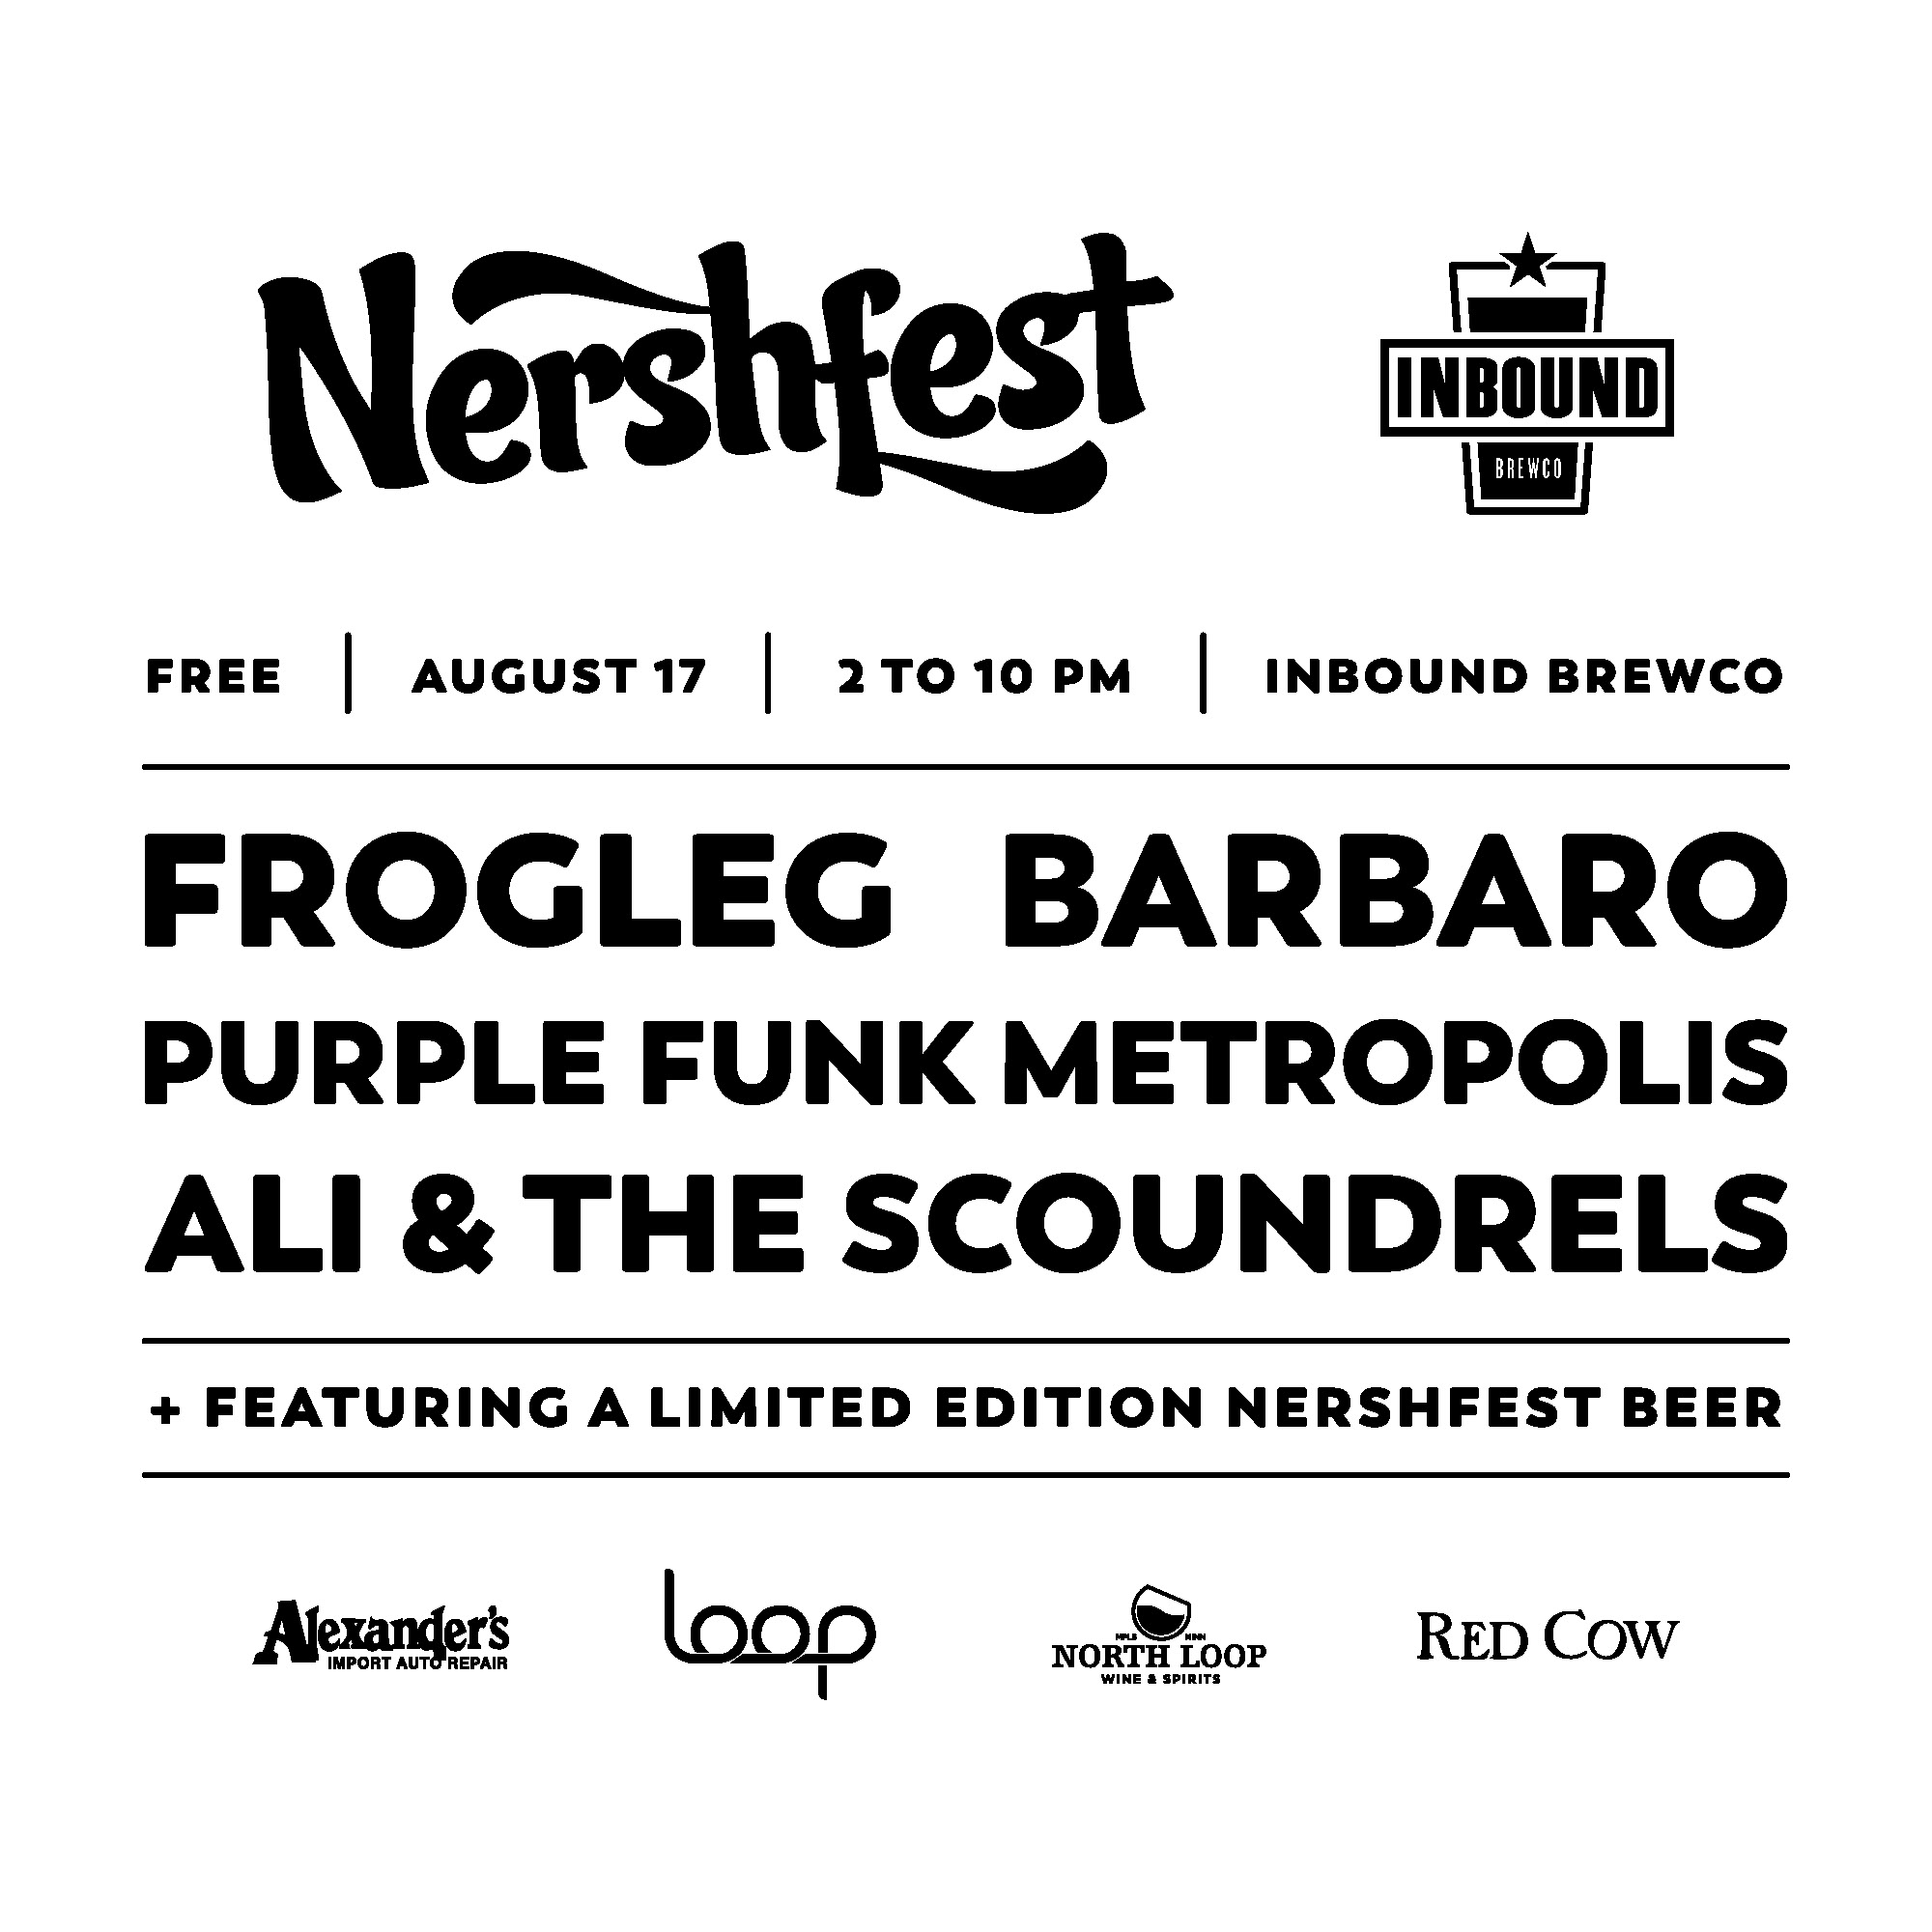 Nershfest_Tshirts_2019_Page_7.jpg